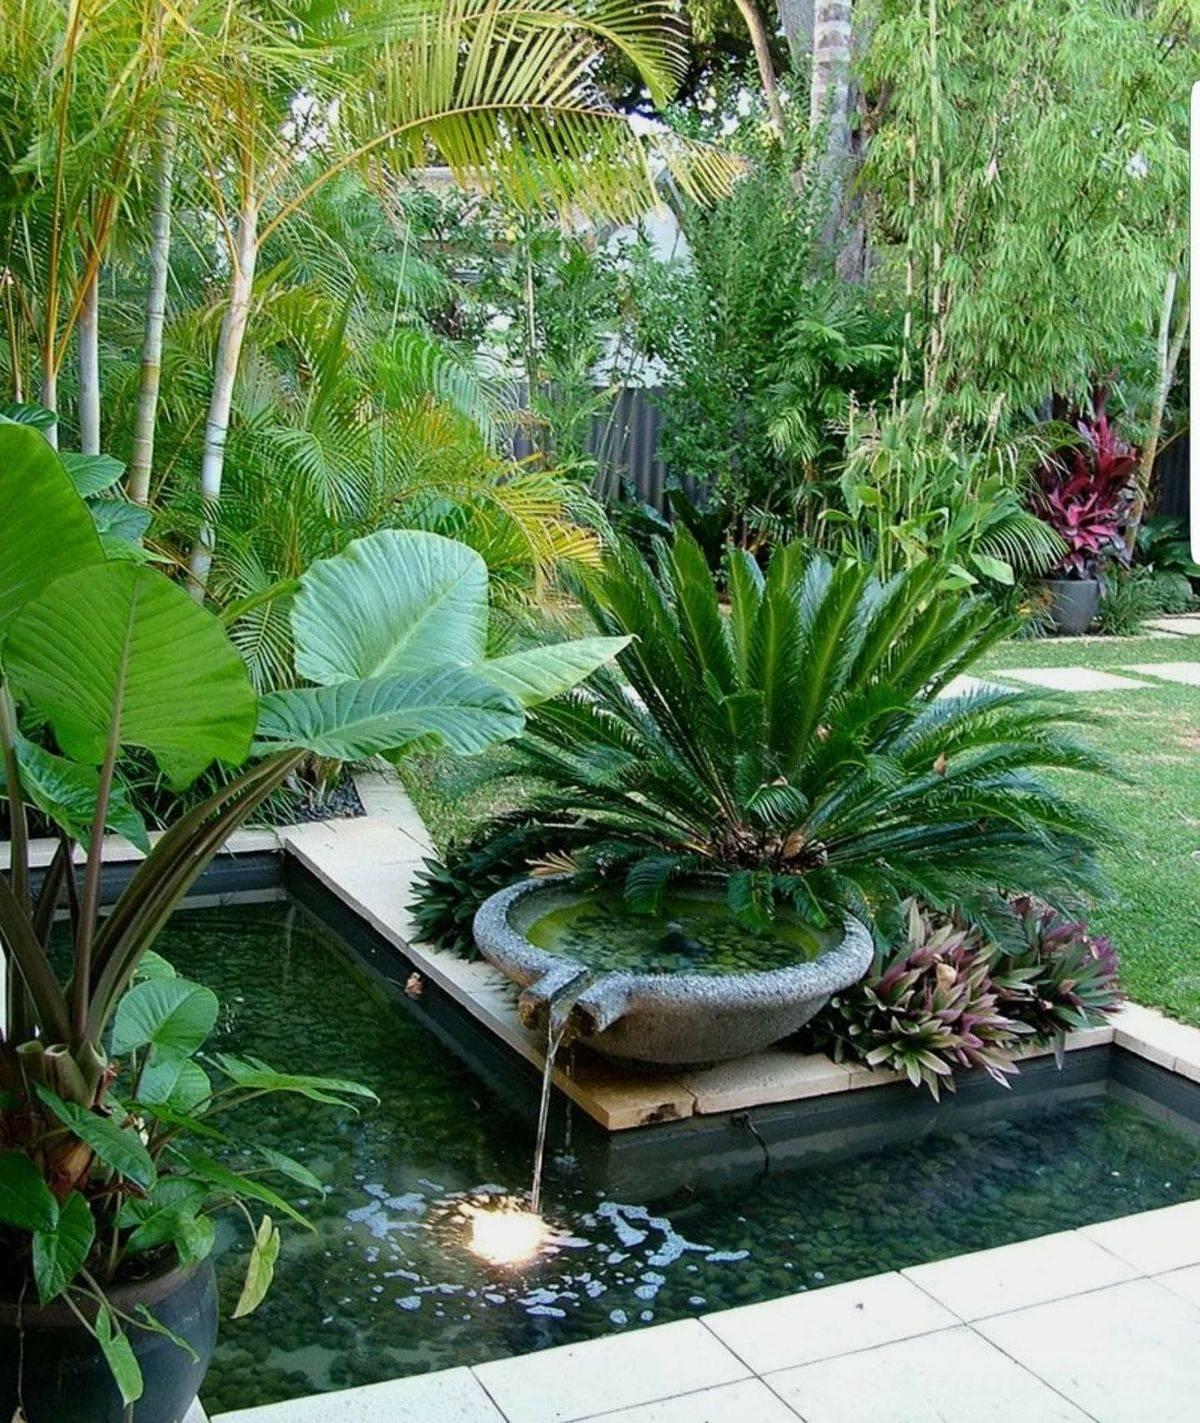 tropical garden ideas-307441112059104602